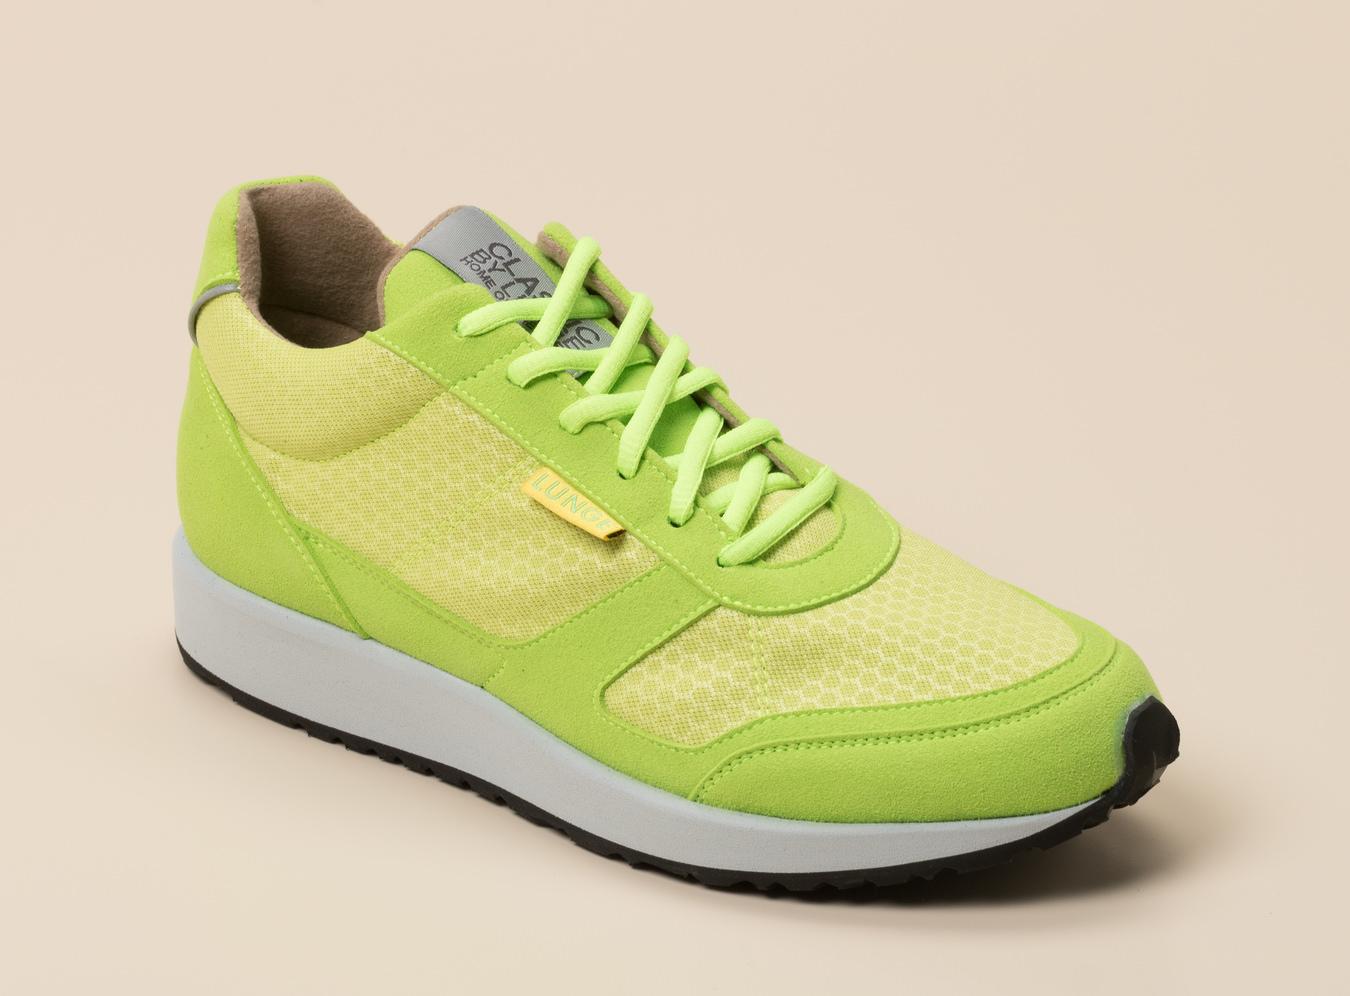 Lunge Damen Sneaker in gelb kaufen | Zumnorde Online Shop